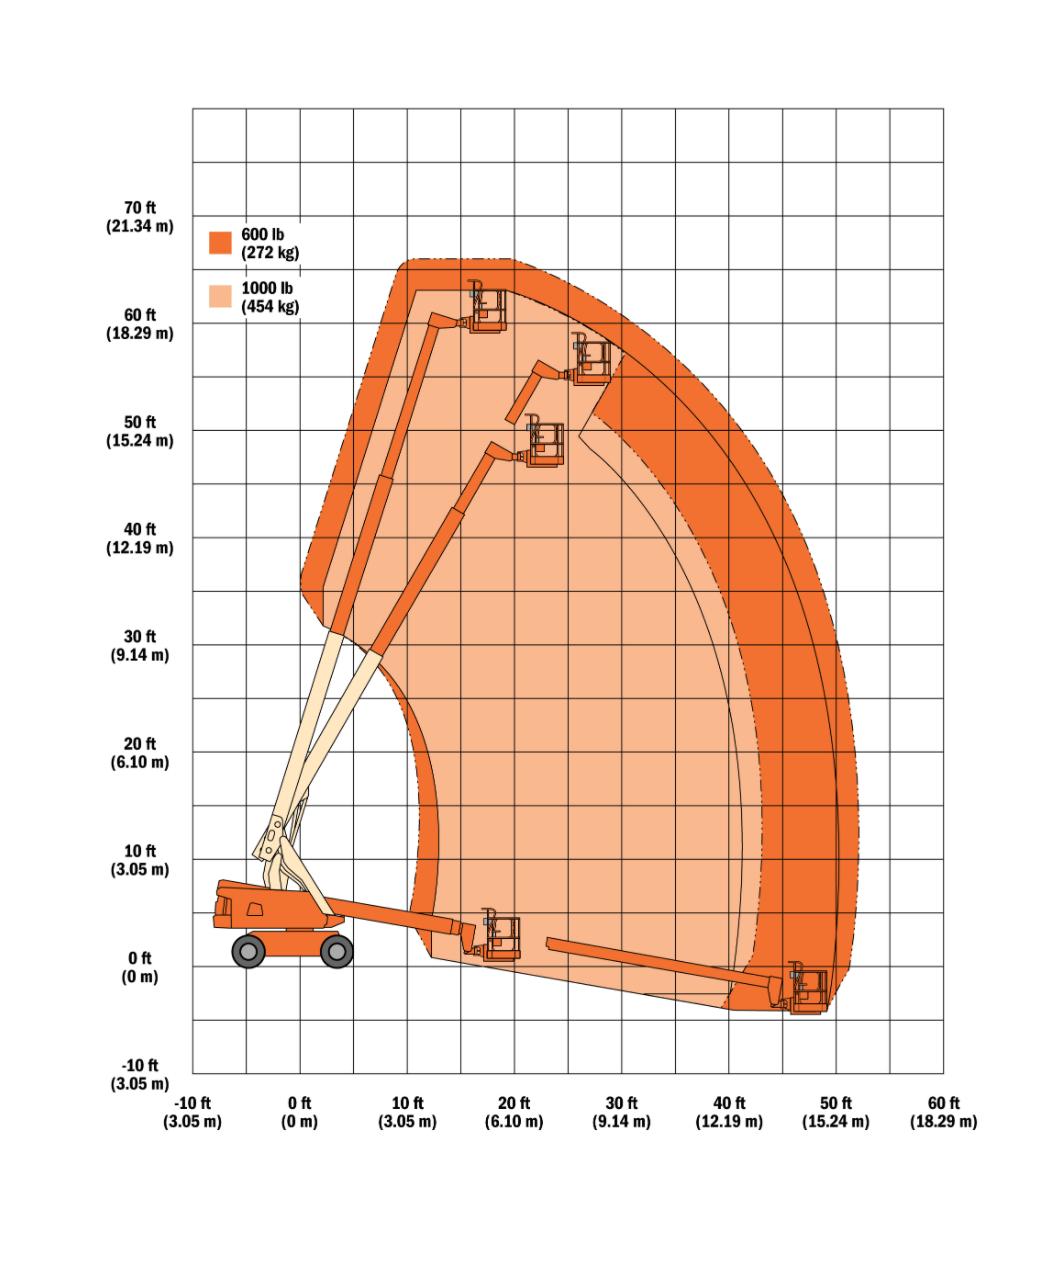 Biểu đồ nâng xe JLG 600S